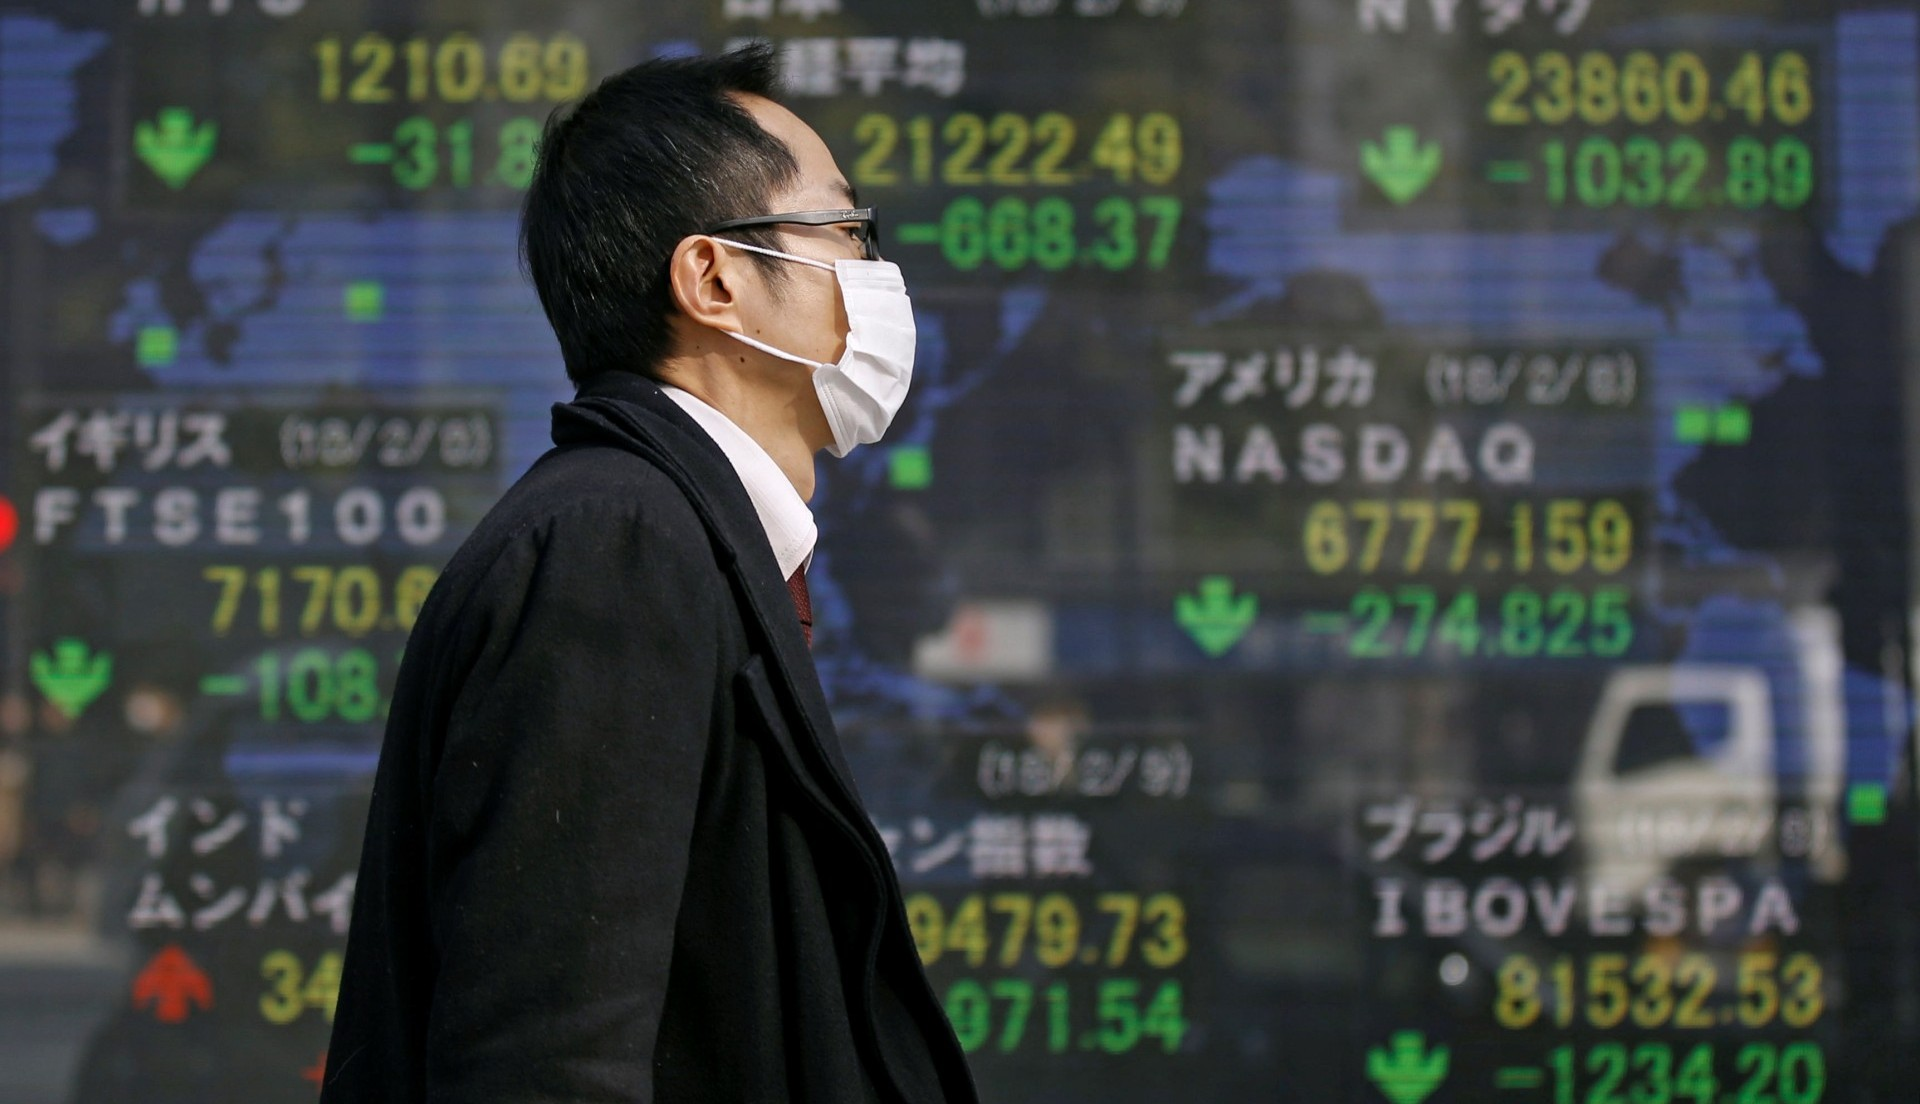 Un ciudadano camina junto a un tablero digital con los valores bursátiles, la mayoría en caída (Reuters)